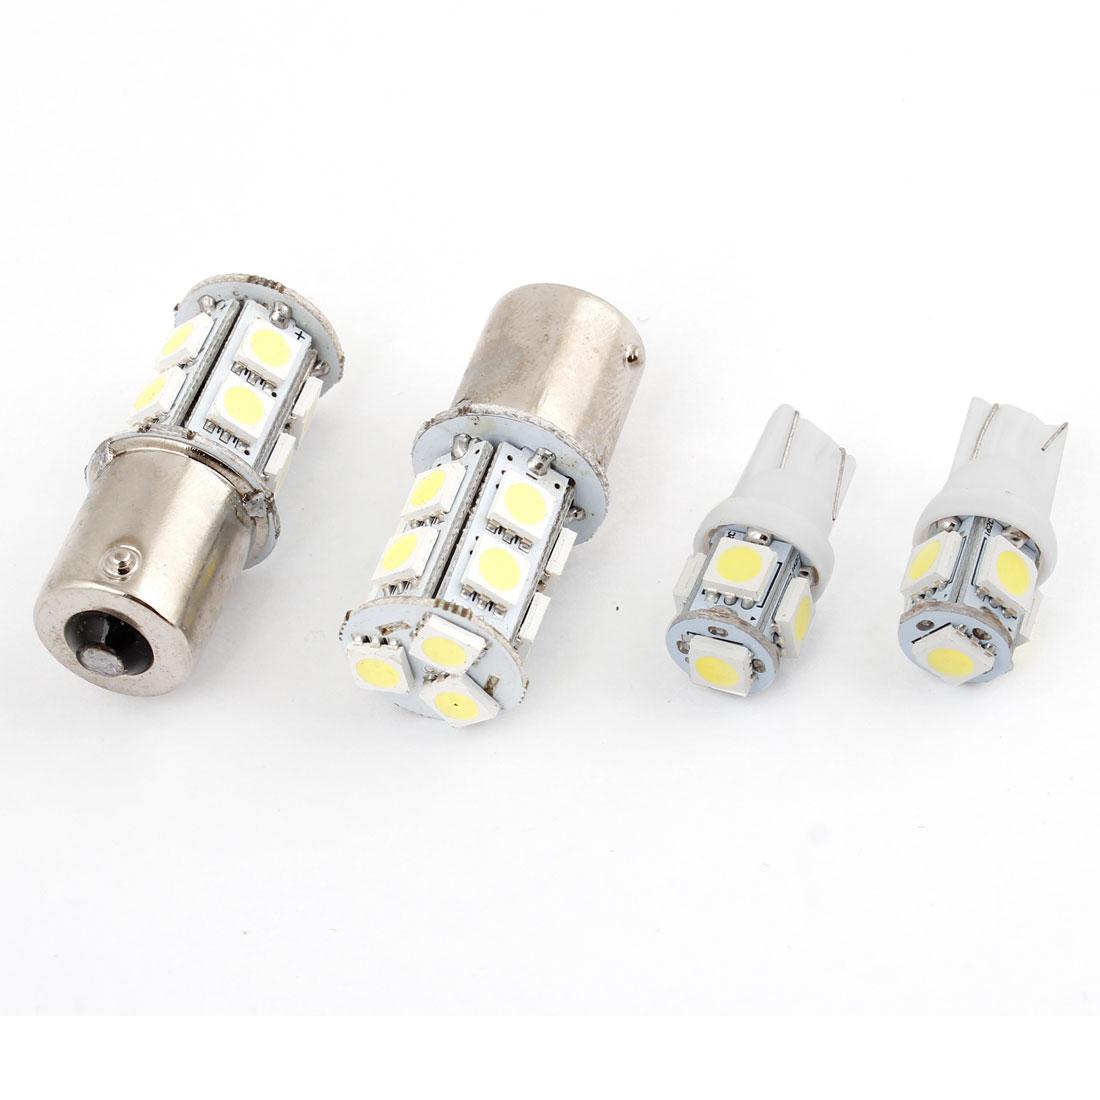 2Pcs Auto 1156 5050 13 SMD LED White Panel Light w 2 Pcs T10 5 LED Lamp internal